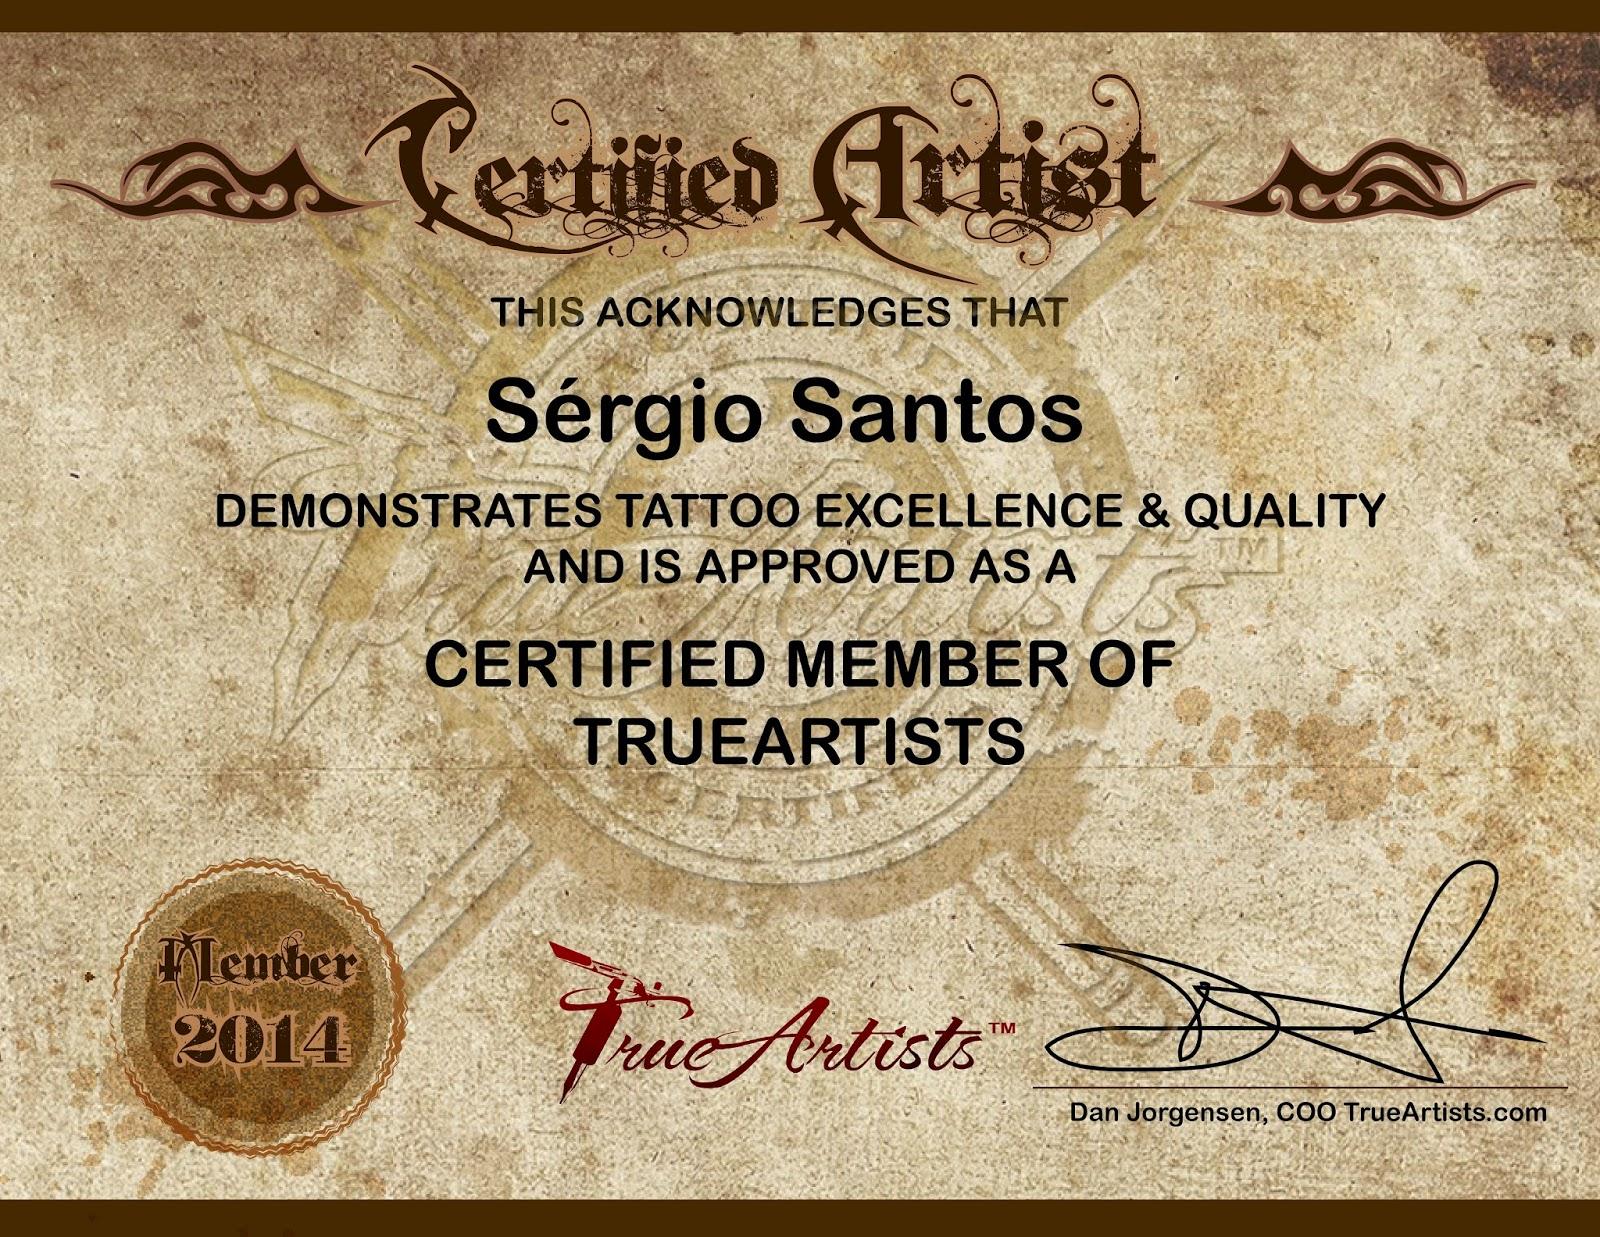 Sérgio Santos tatuador certificado pela True Artists Certified Artist